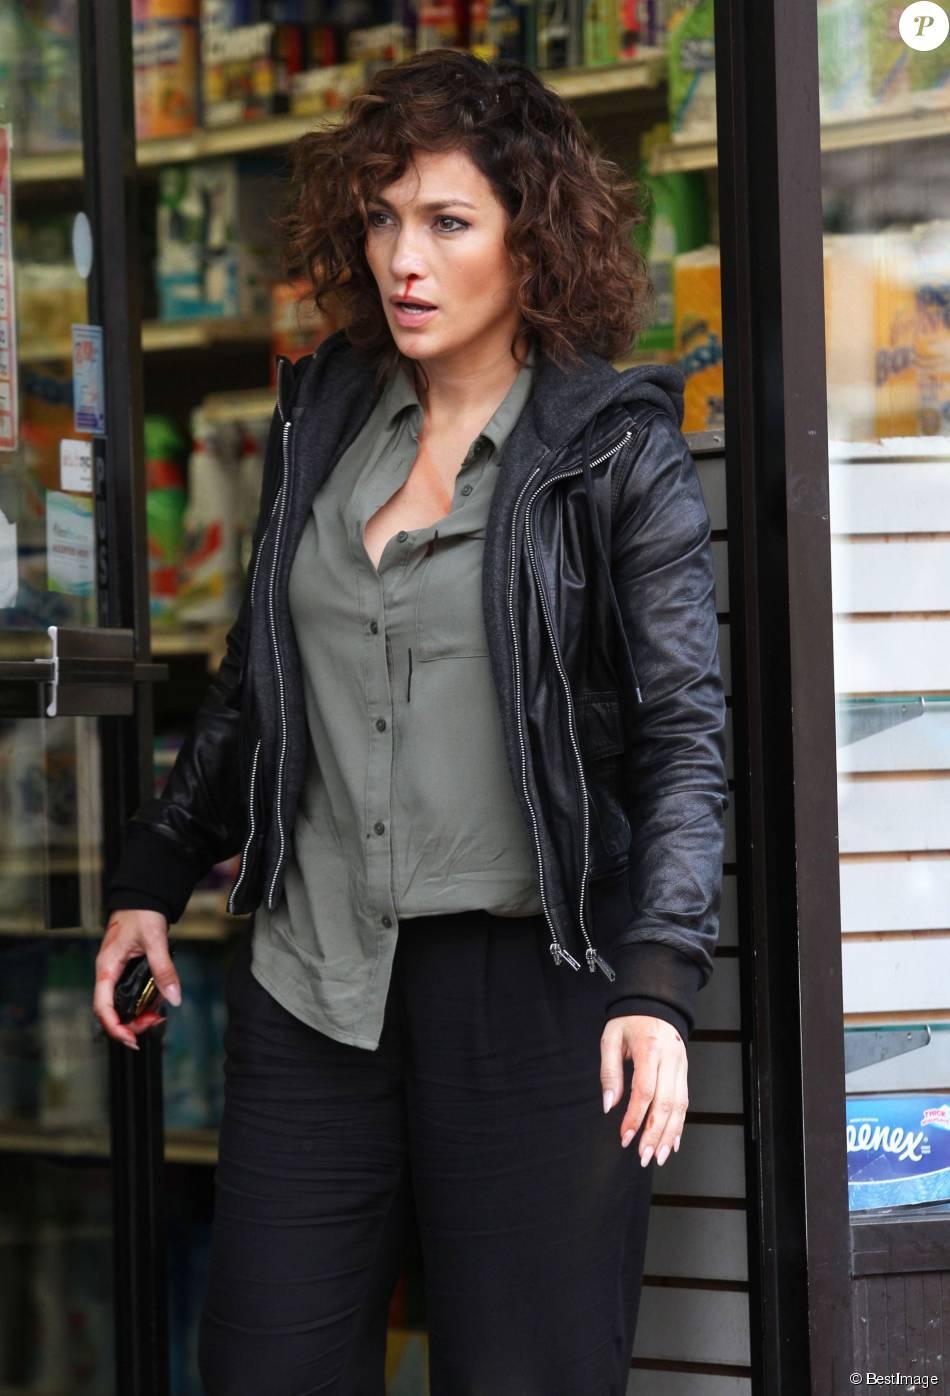 Jennifer Lopez, du sang et des cicatrices aux visages, sur le tournage de la série 'Shades of Blue' à New York, le 13 octobre 2015